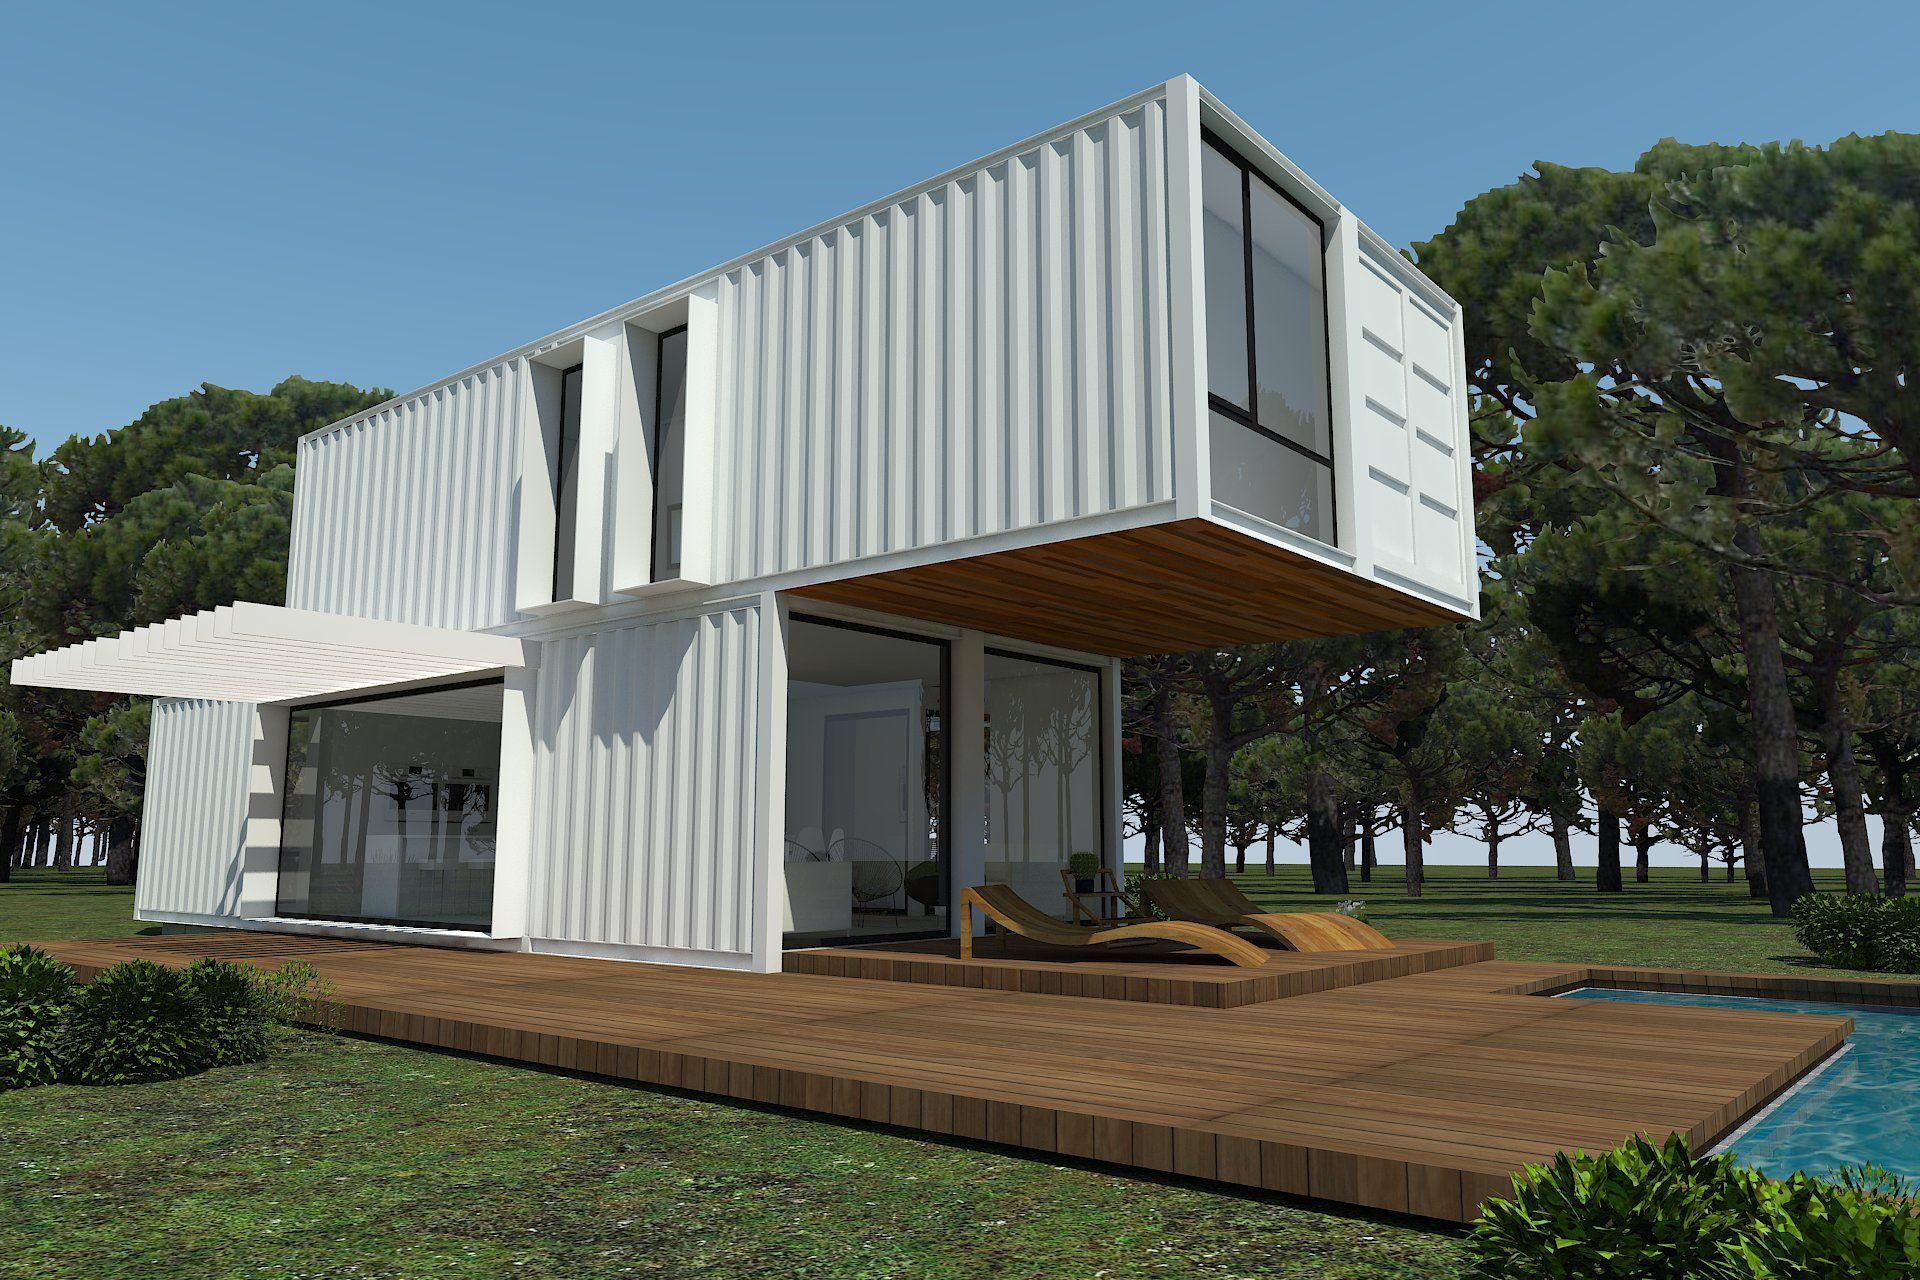 H kub casas prefabricadas en contenedores mar timos mi negocio pinterest contenedores - Casas prefabricadas de contenedores ...